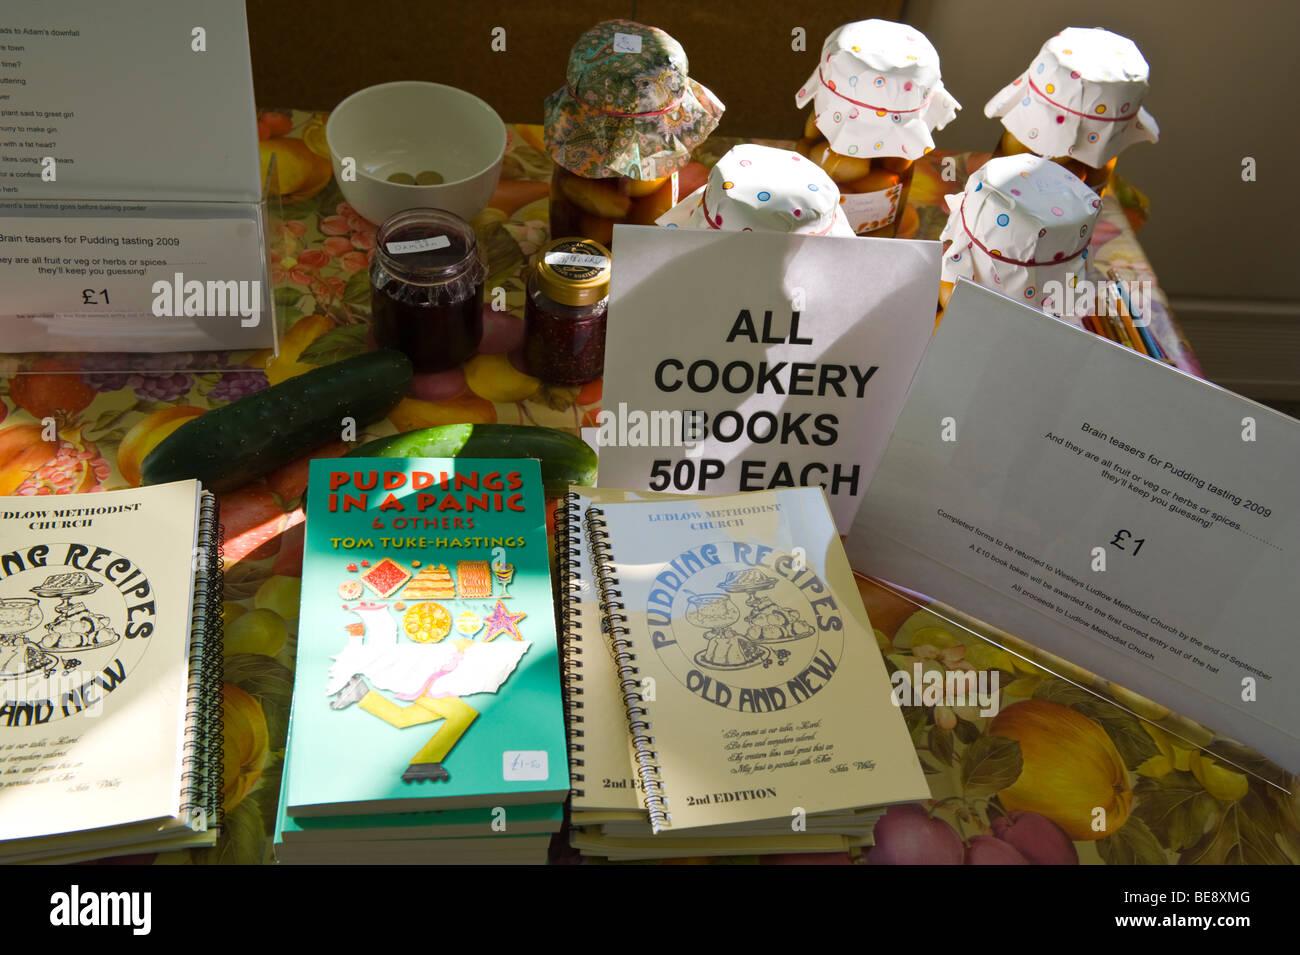 Recette de pudding et autres livres de cuisine à vendre à Ludlow Methodist Church au cours de Ludlow Food Photo Stock